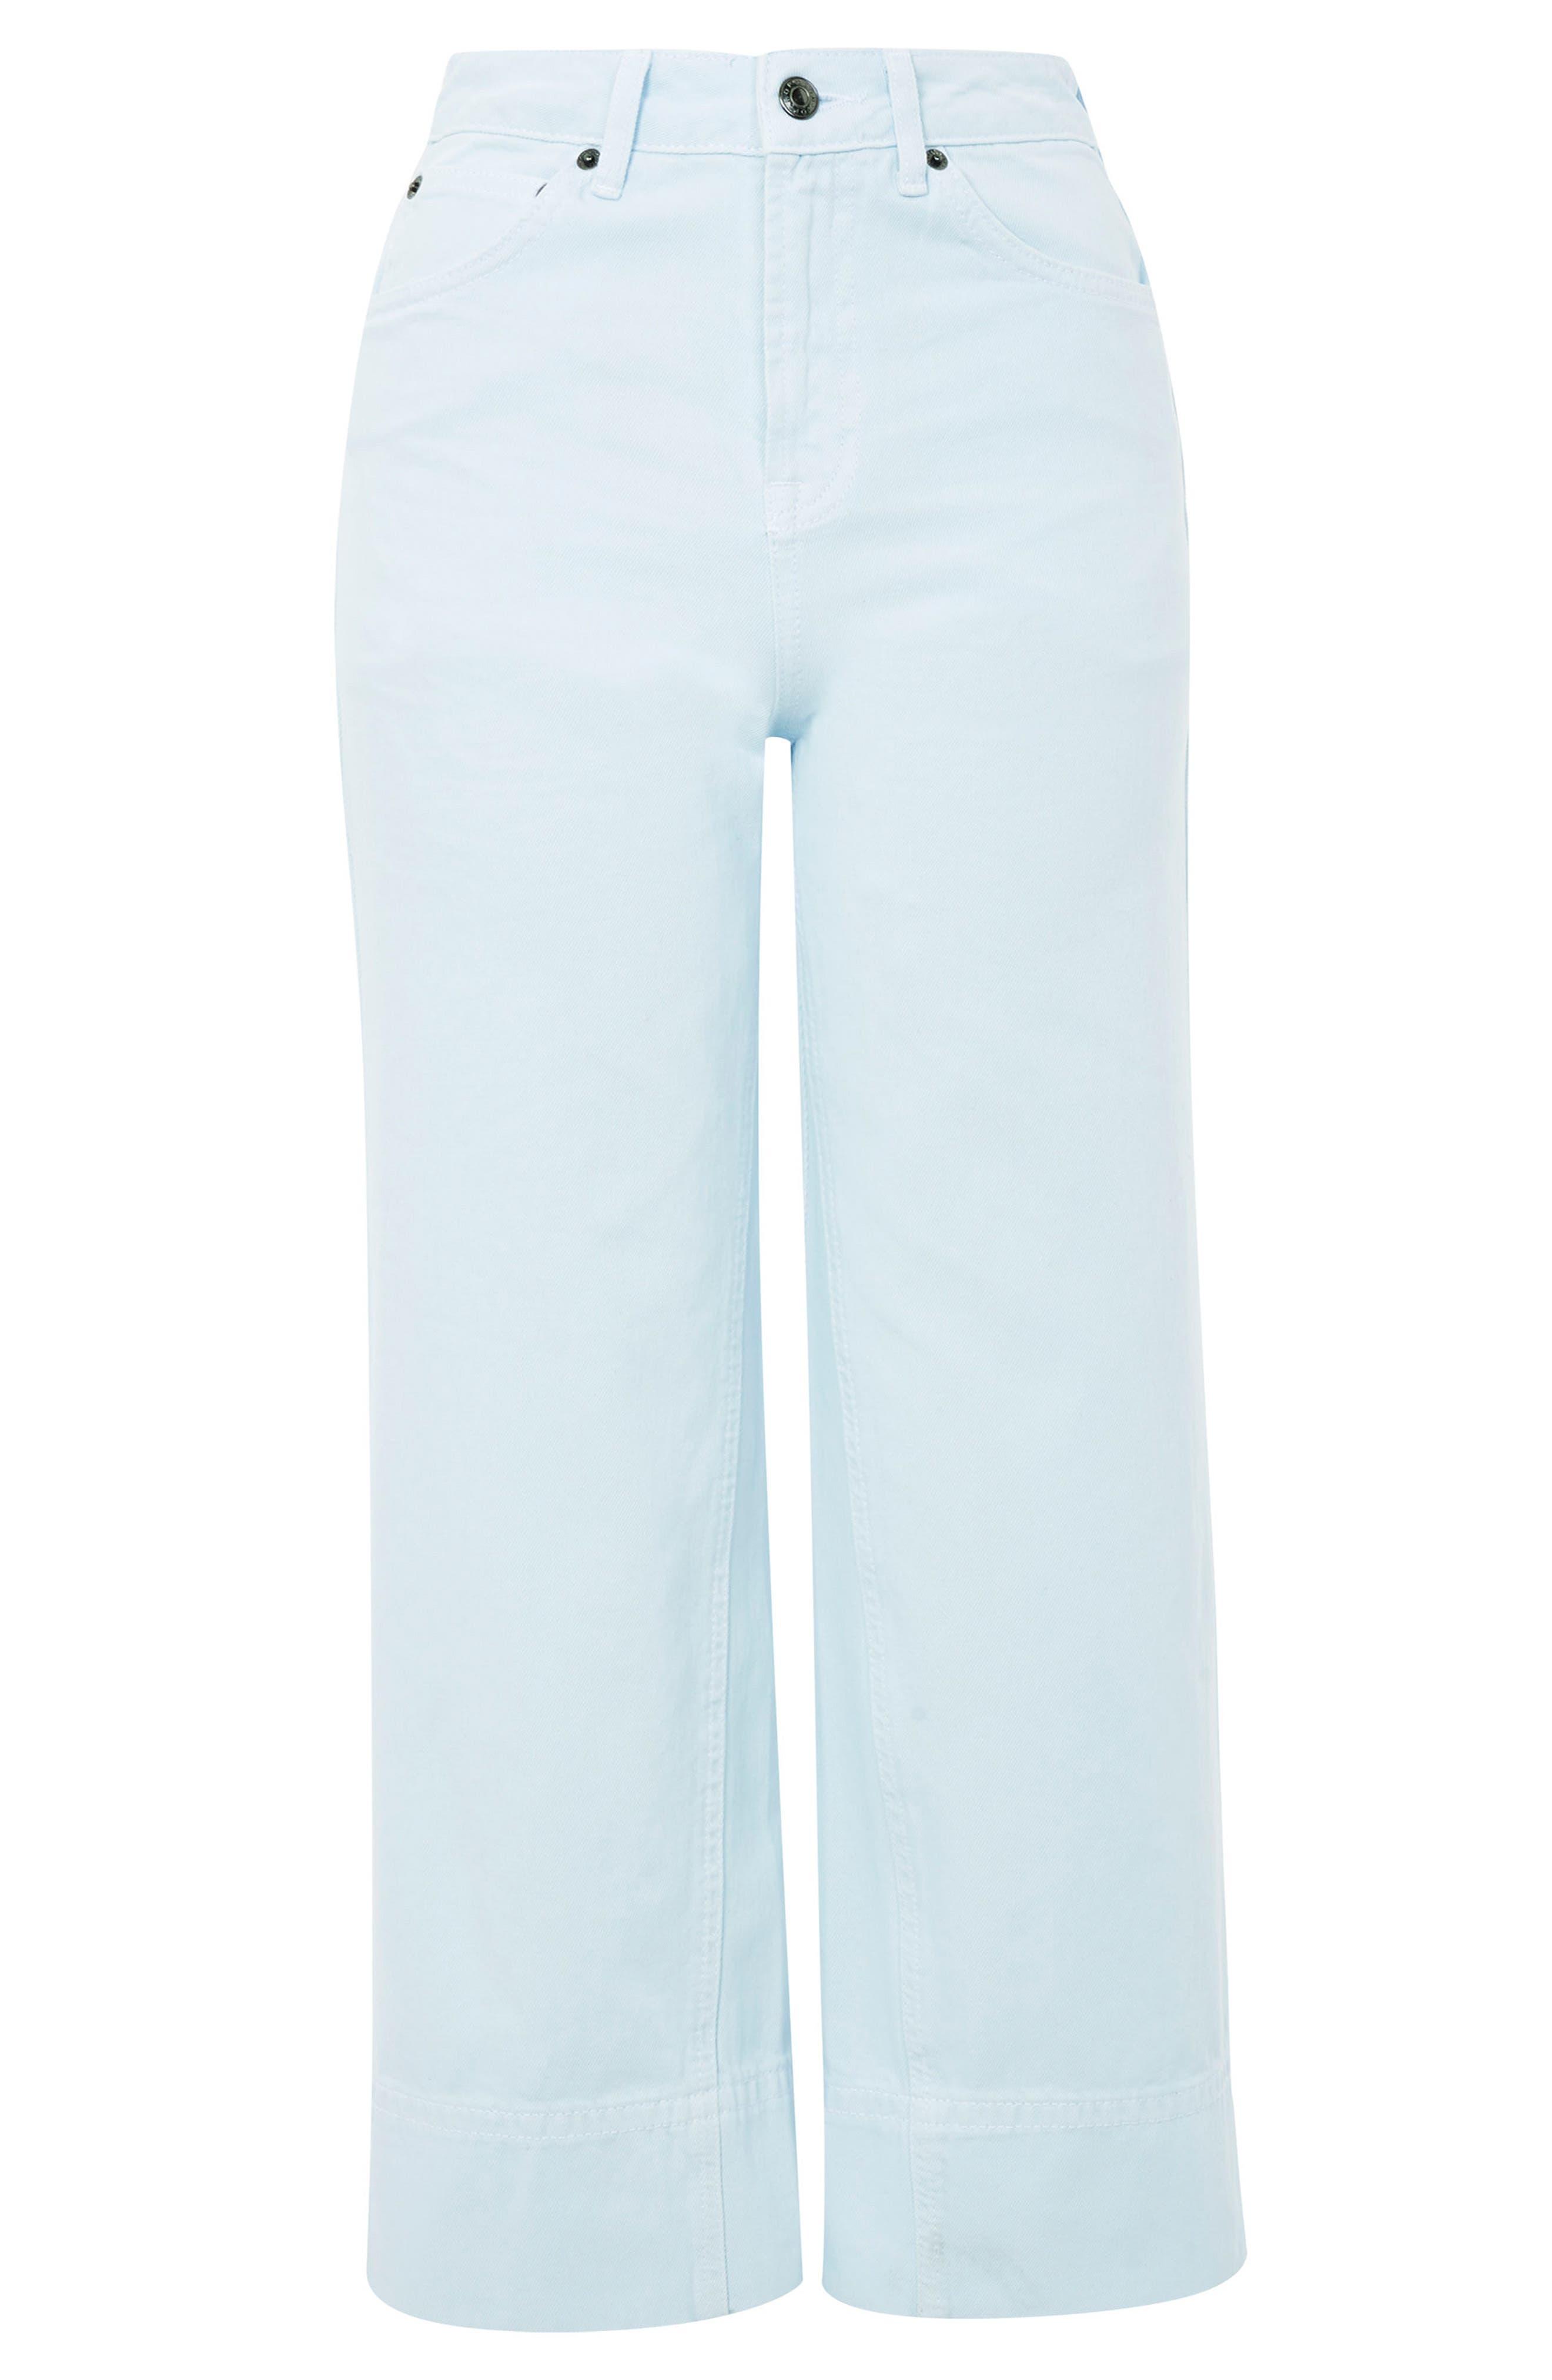 Pale Blue Crop Wide Leg Jeans,                             Alternate thumbnail 5, color,                             Light Blue